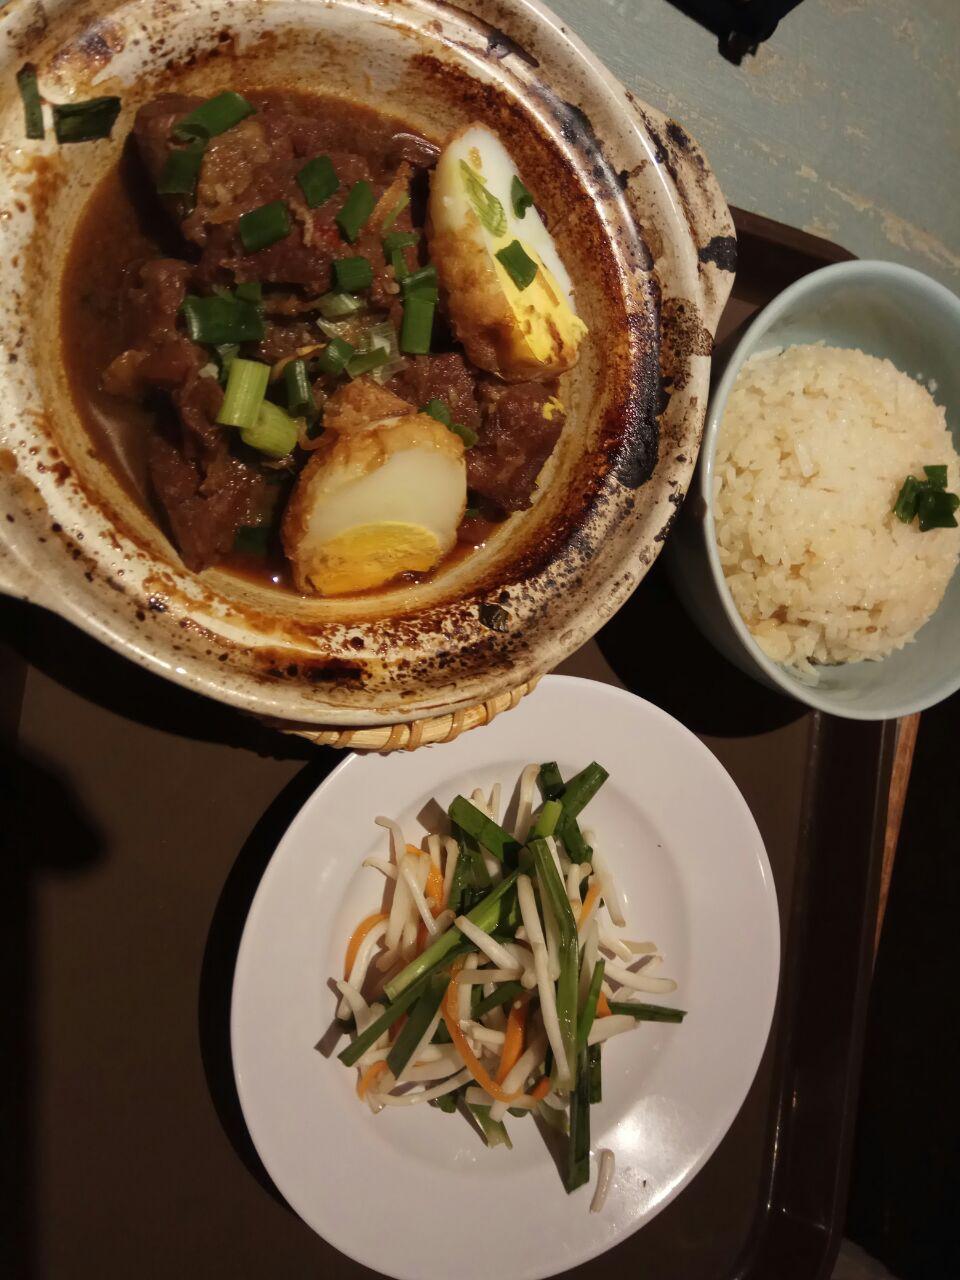 Braised Pork And Egg W Fragrant Rice 9.9nett